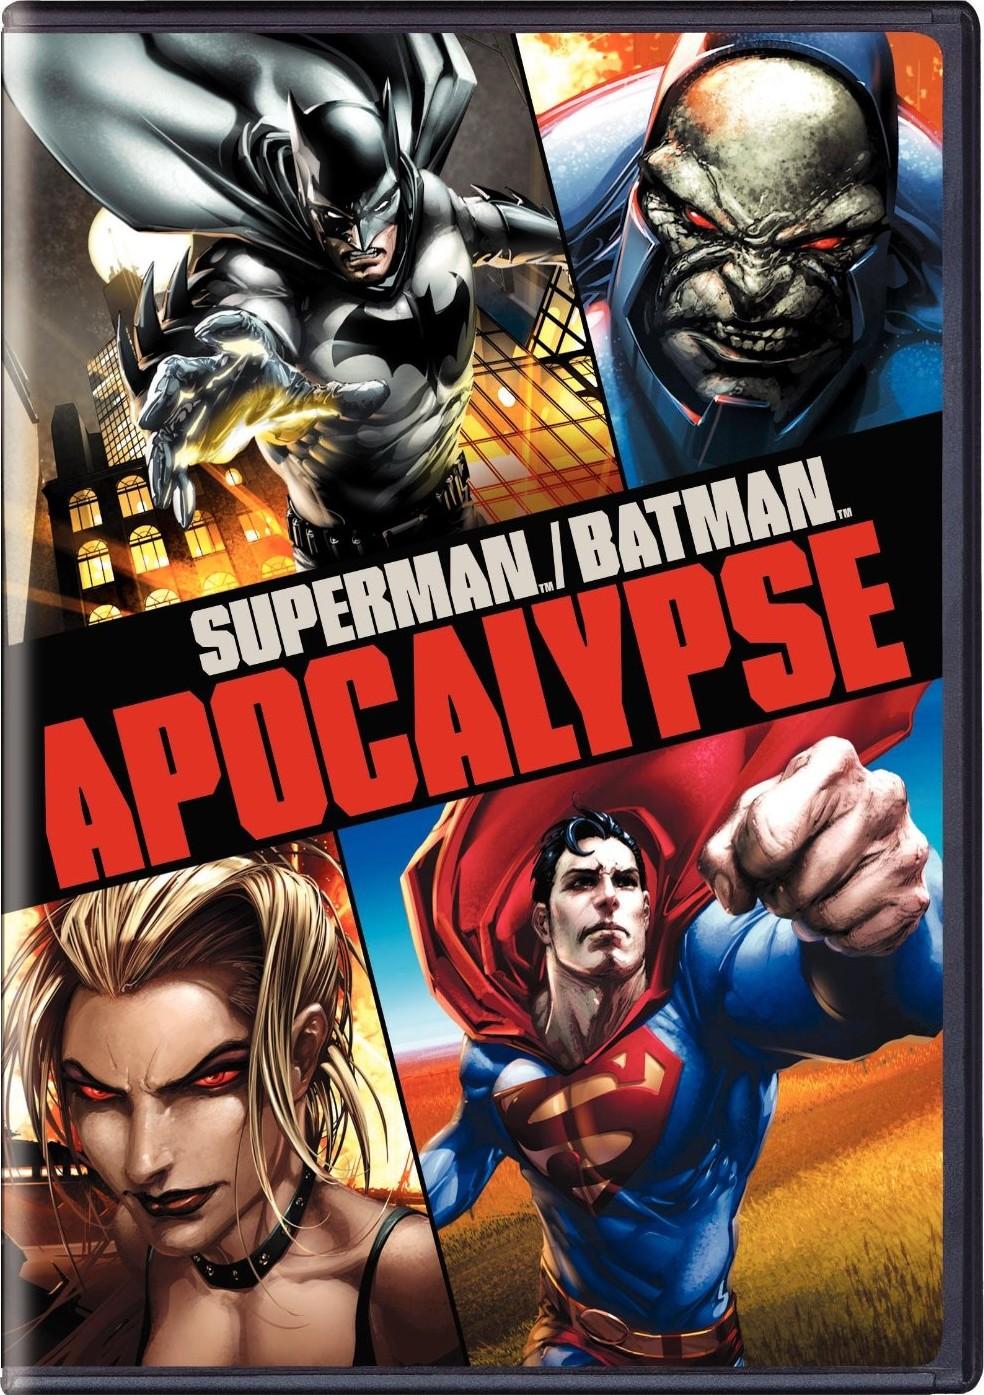 [Post Oficial] Películas que vamos viendo - Página 2 Superman+Batman+Apocalypse